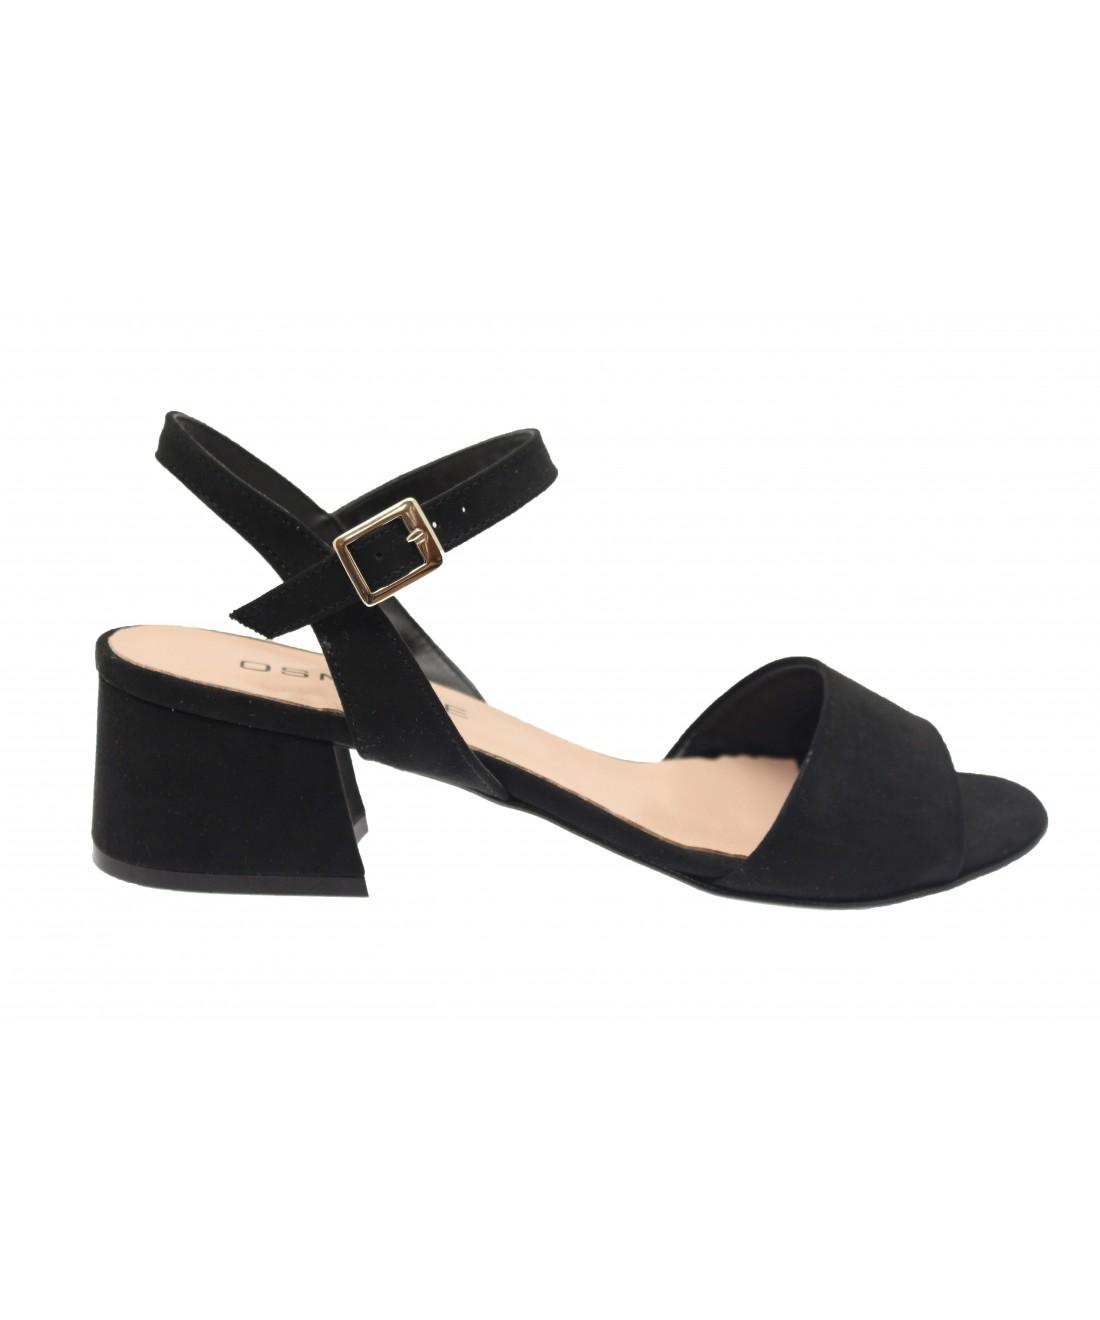 en gros prix le plus bas prix compétitif Nouvelle Ligne OSMOSE Shoes rétro chic de sandale femme à ...